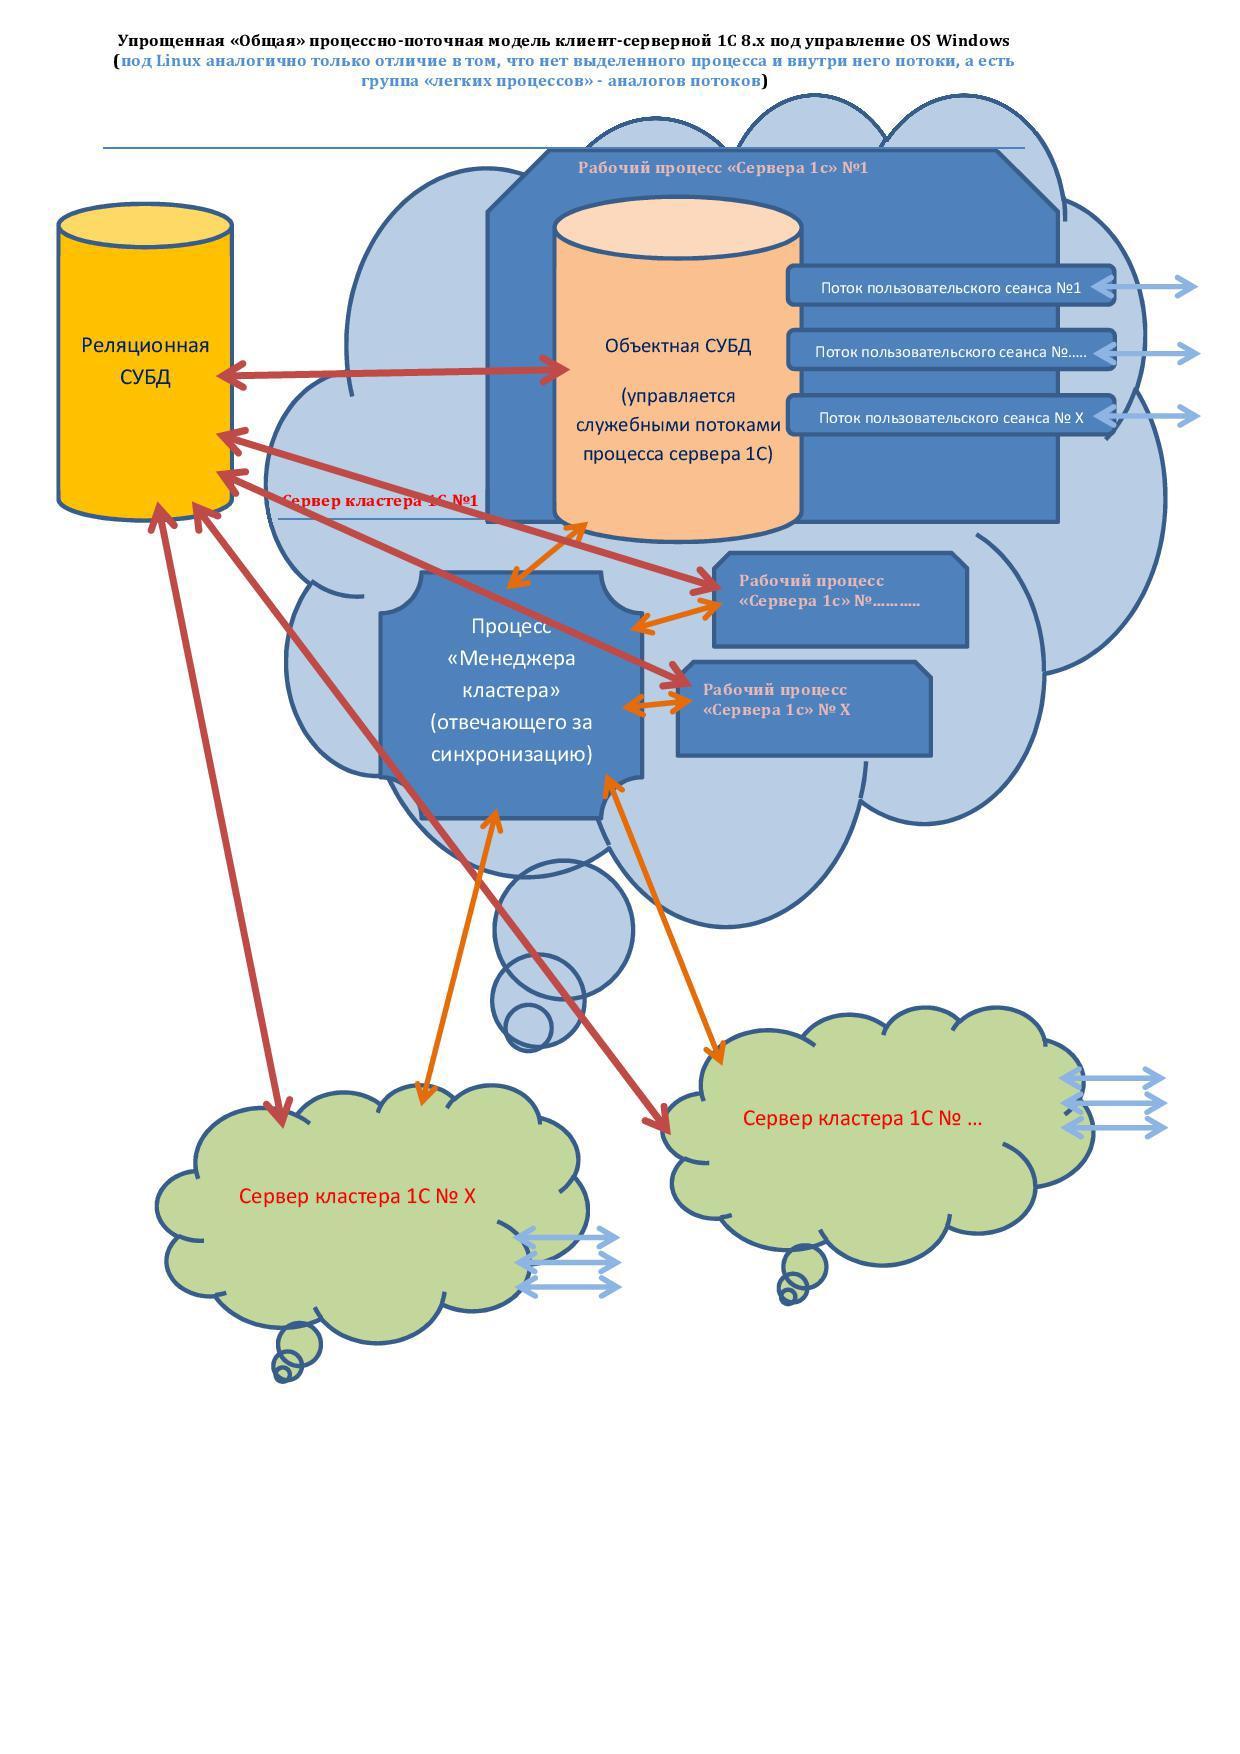 Максимально эффективная по скорости работы — серверная схема, для клиент-серверной 1С 8.х - 1